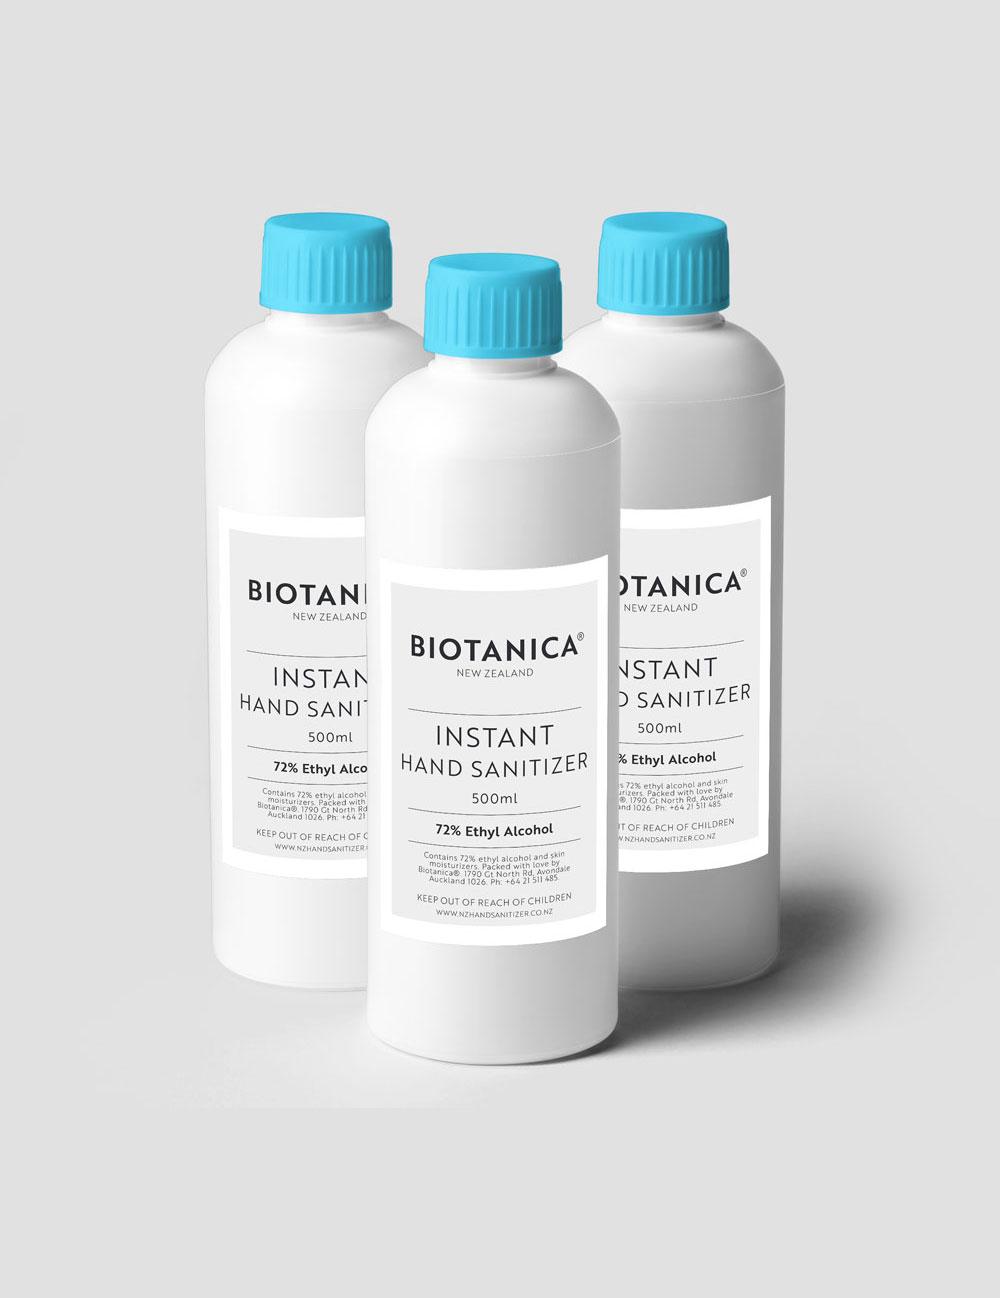 NZ Hand Sanitizer 500ml Image 1